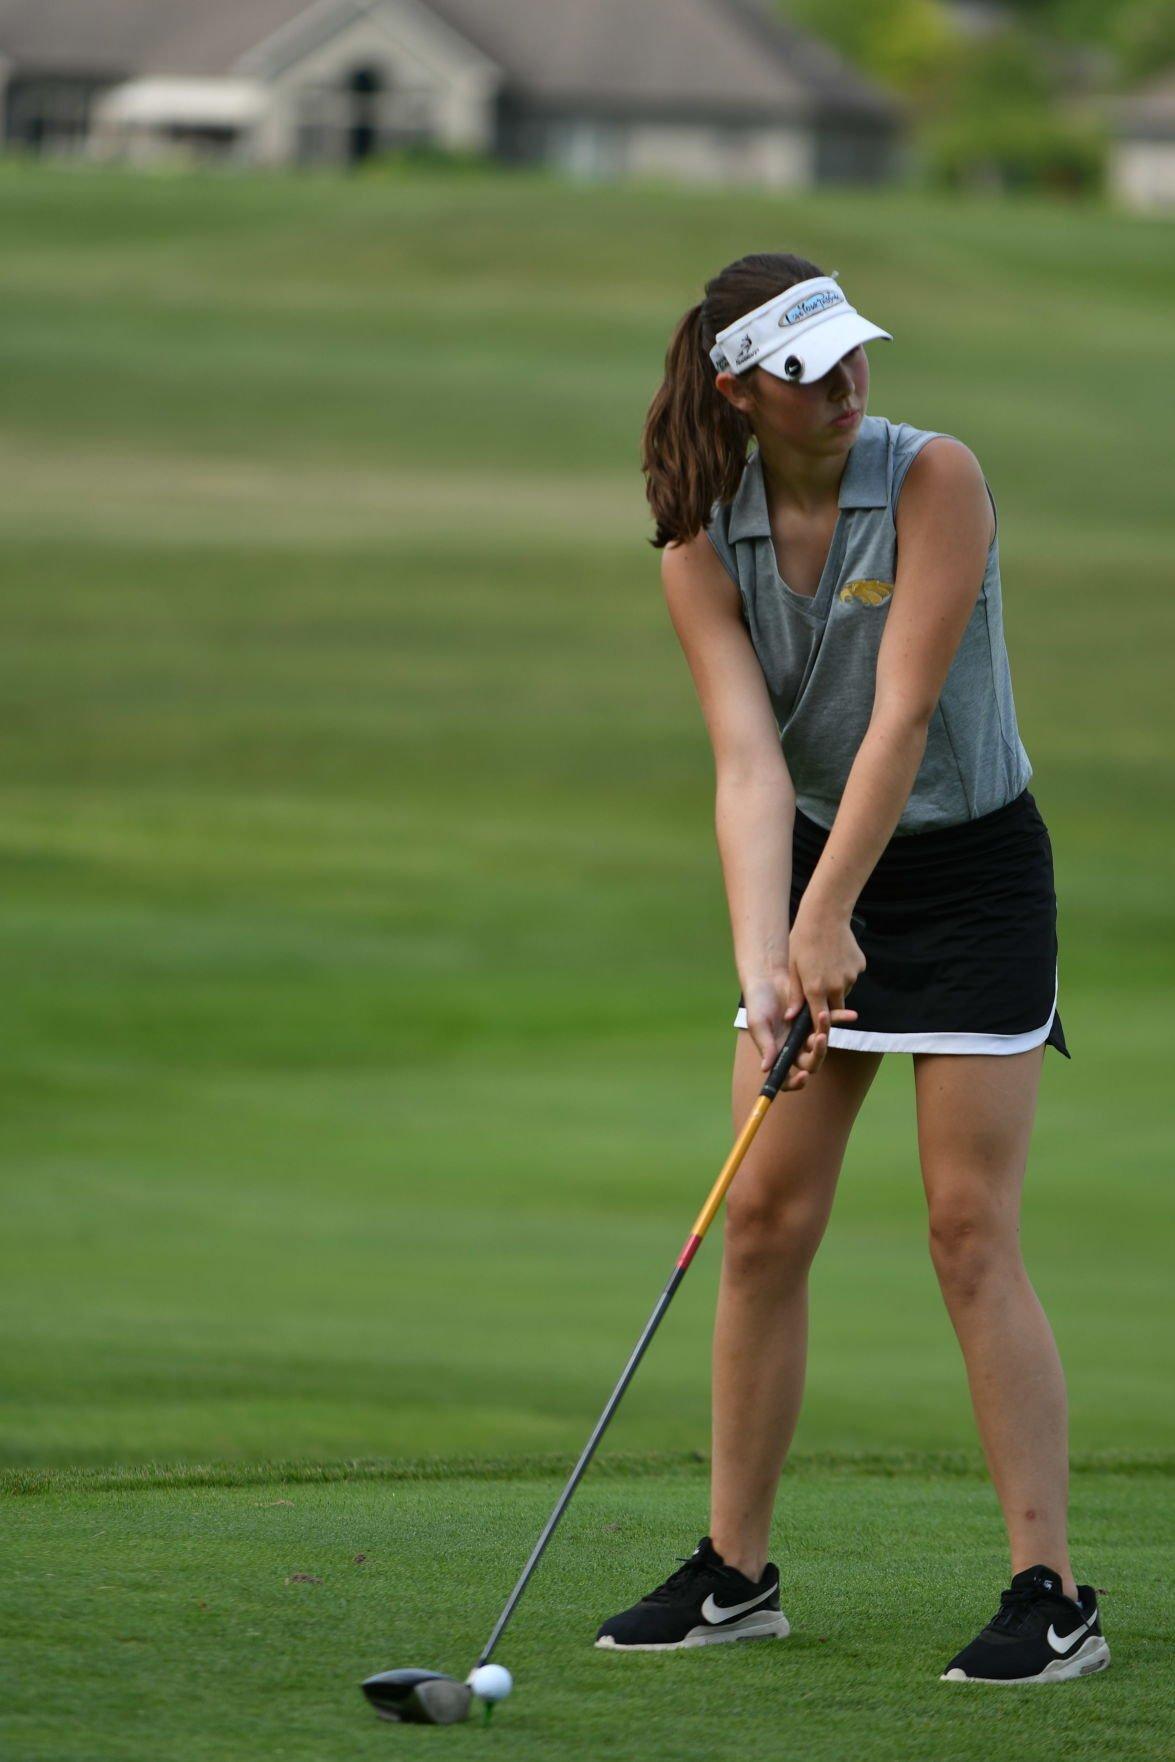 inwc-8-12-20-golf1746